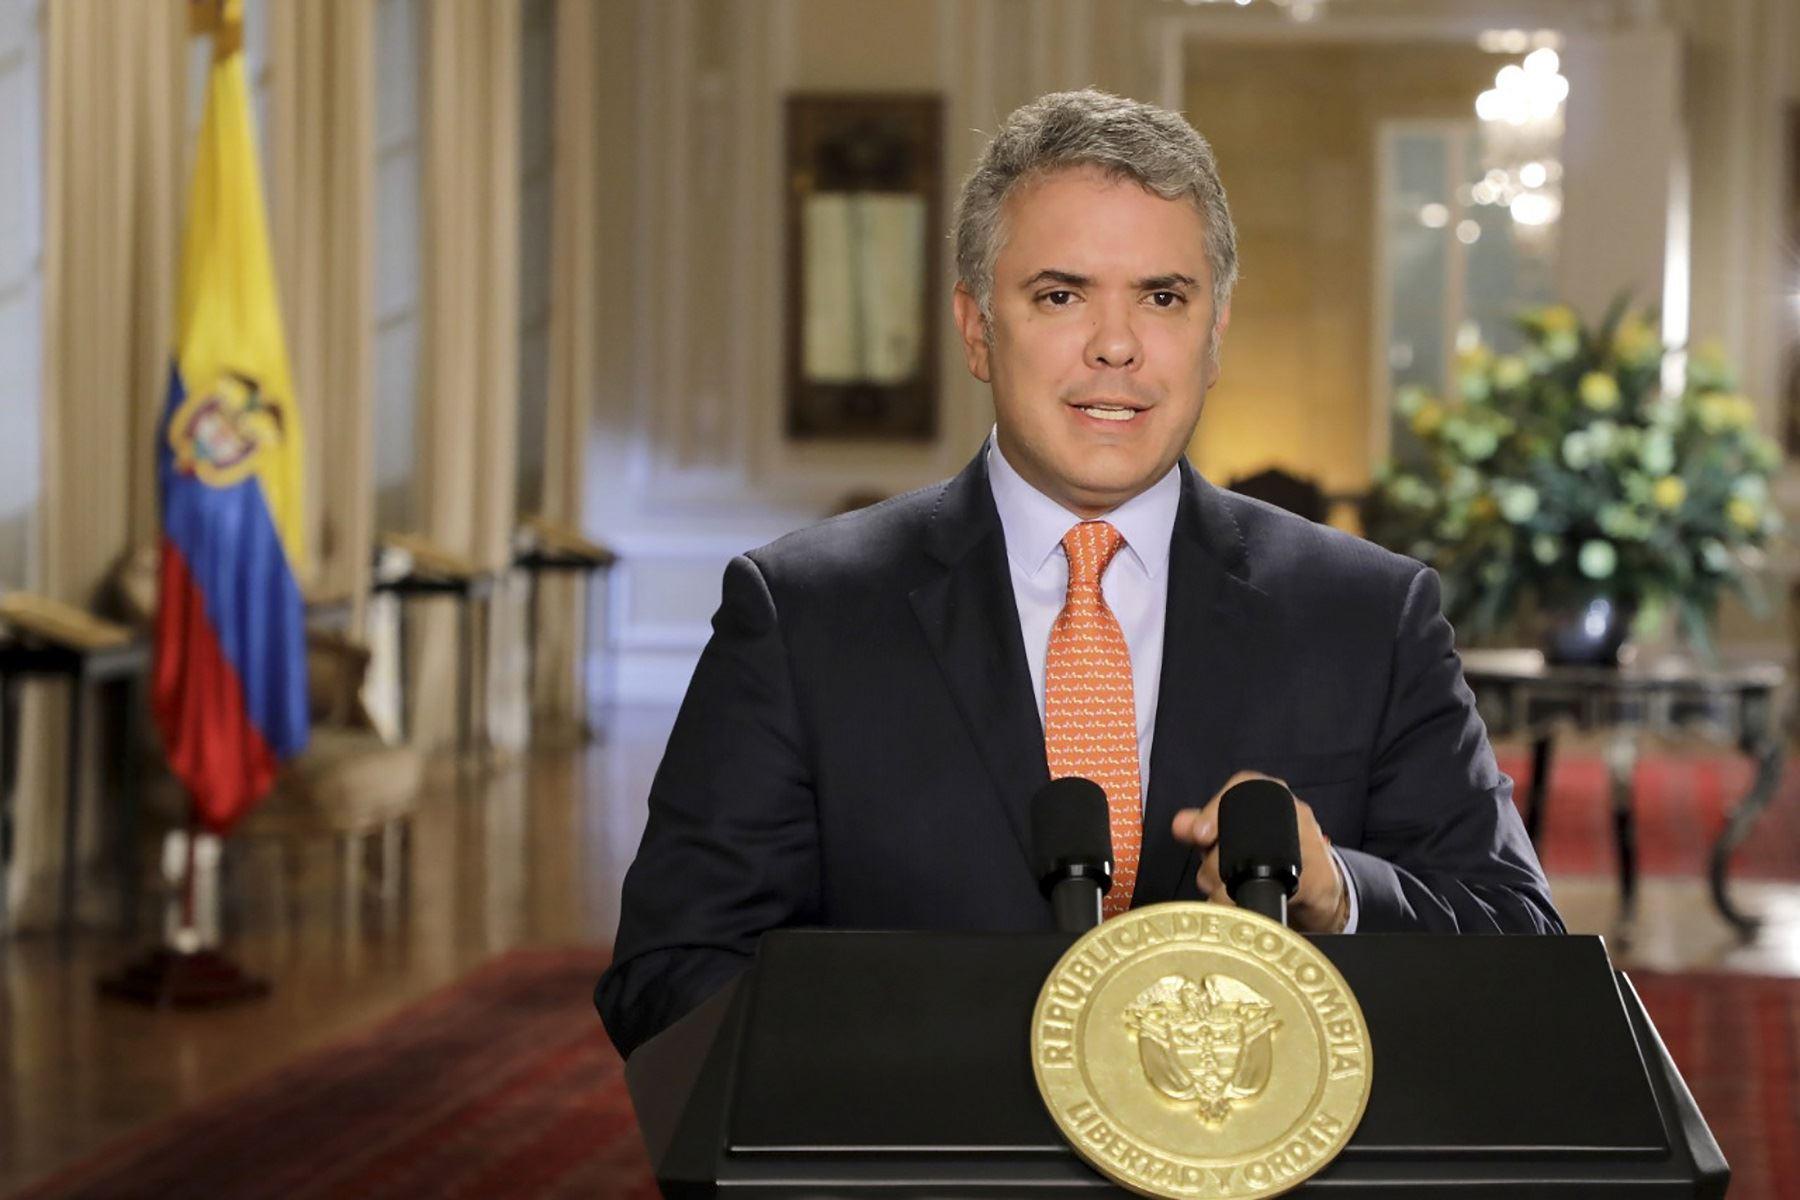 Duque reitera que no tiene Interés de reunirse con Maduro